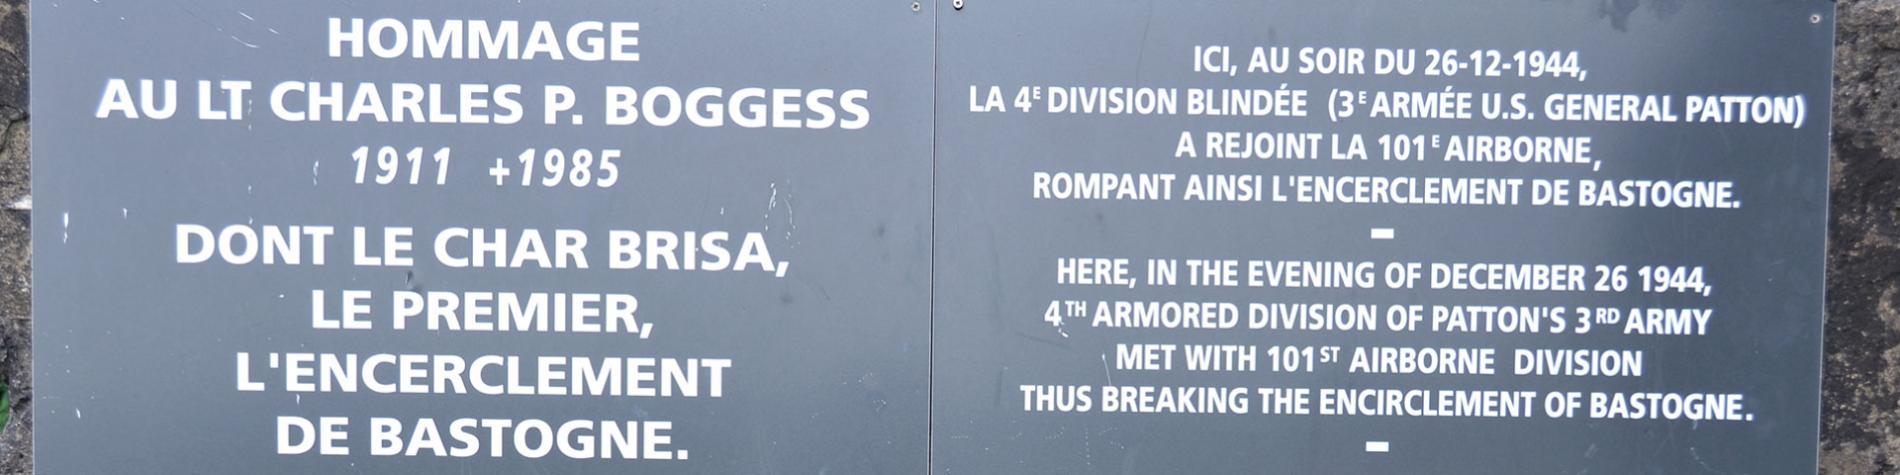 Bastogne - fortin Boggess - lieu historique - symbolique - bataille des Ardennes - libération - Seconde Guerre mondiale